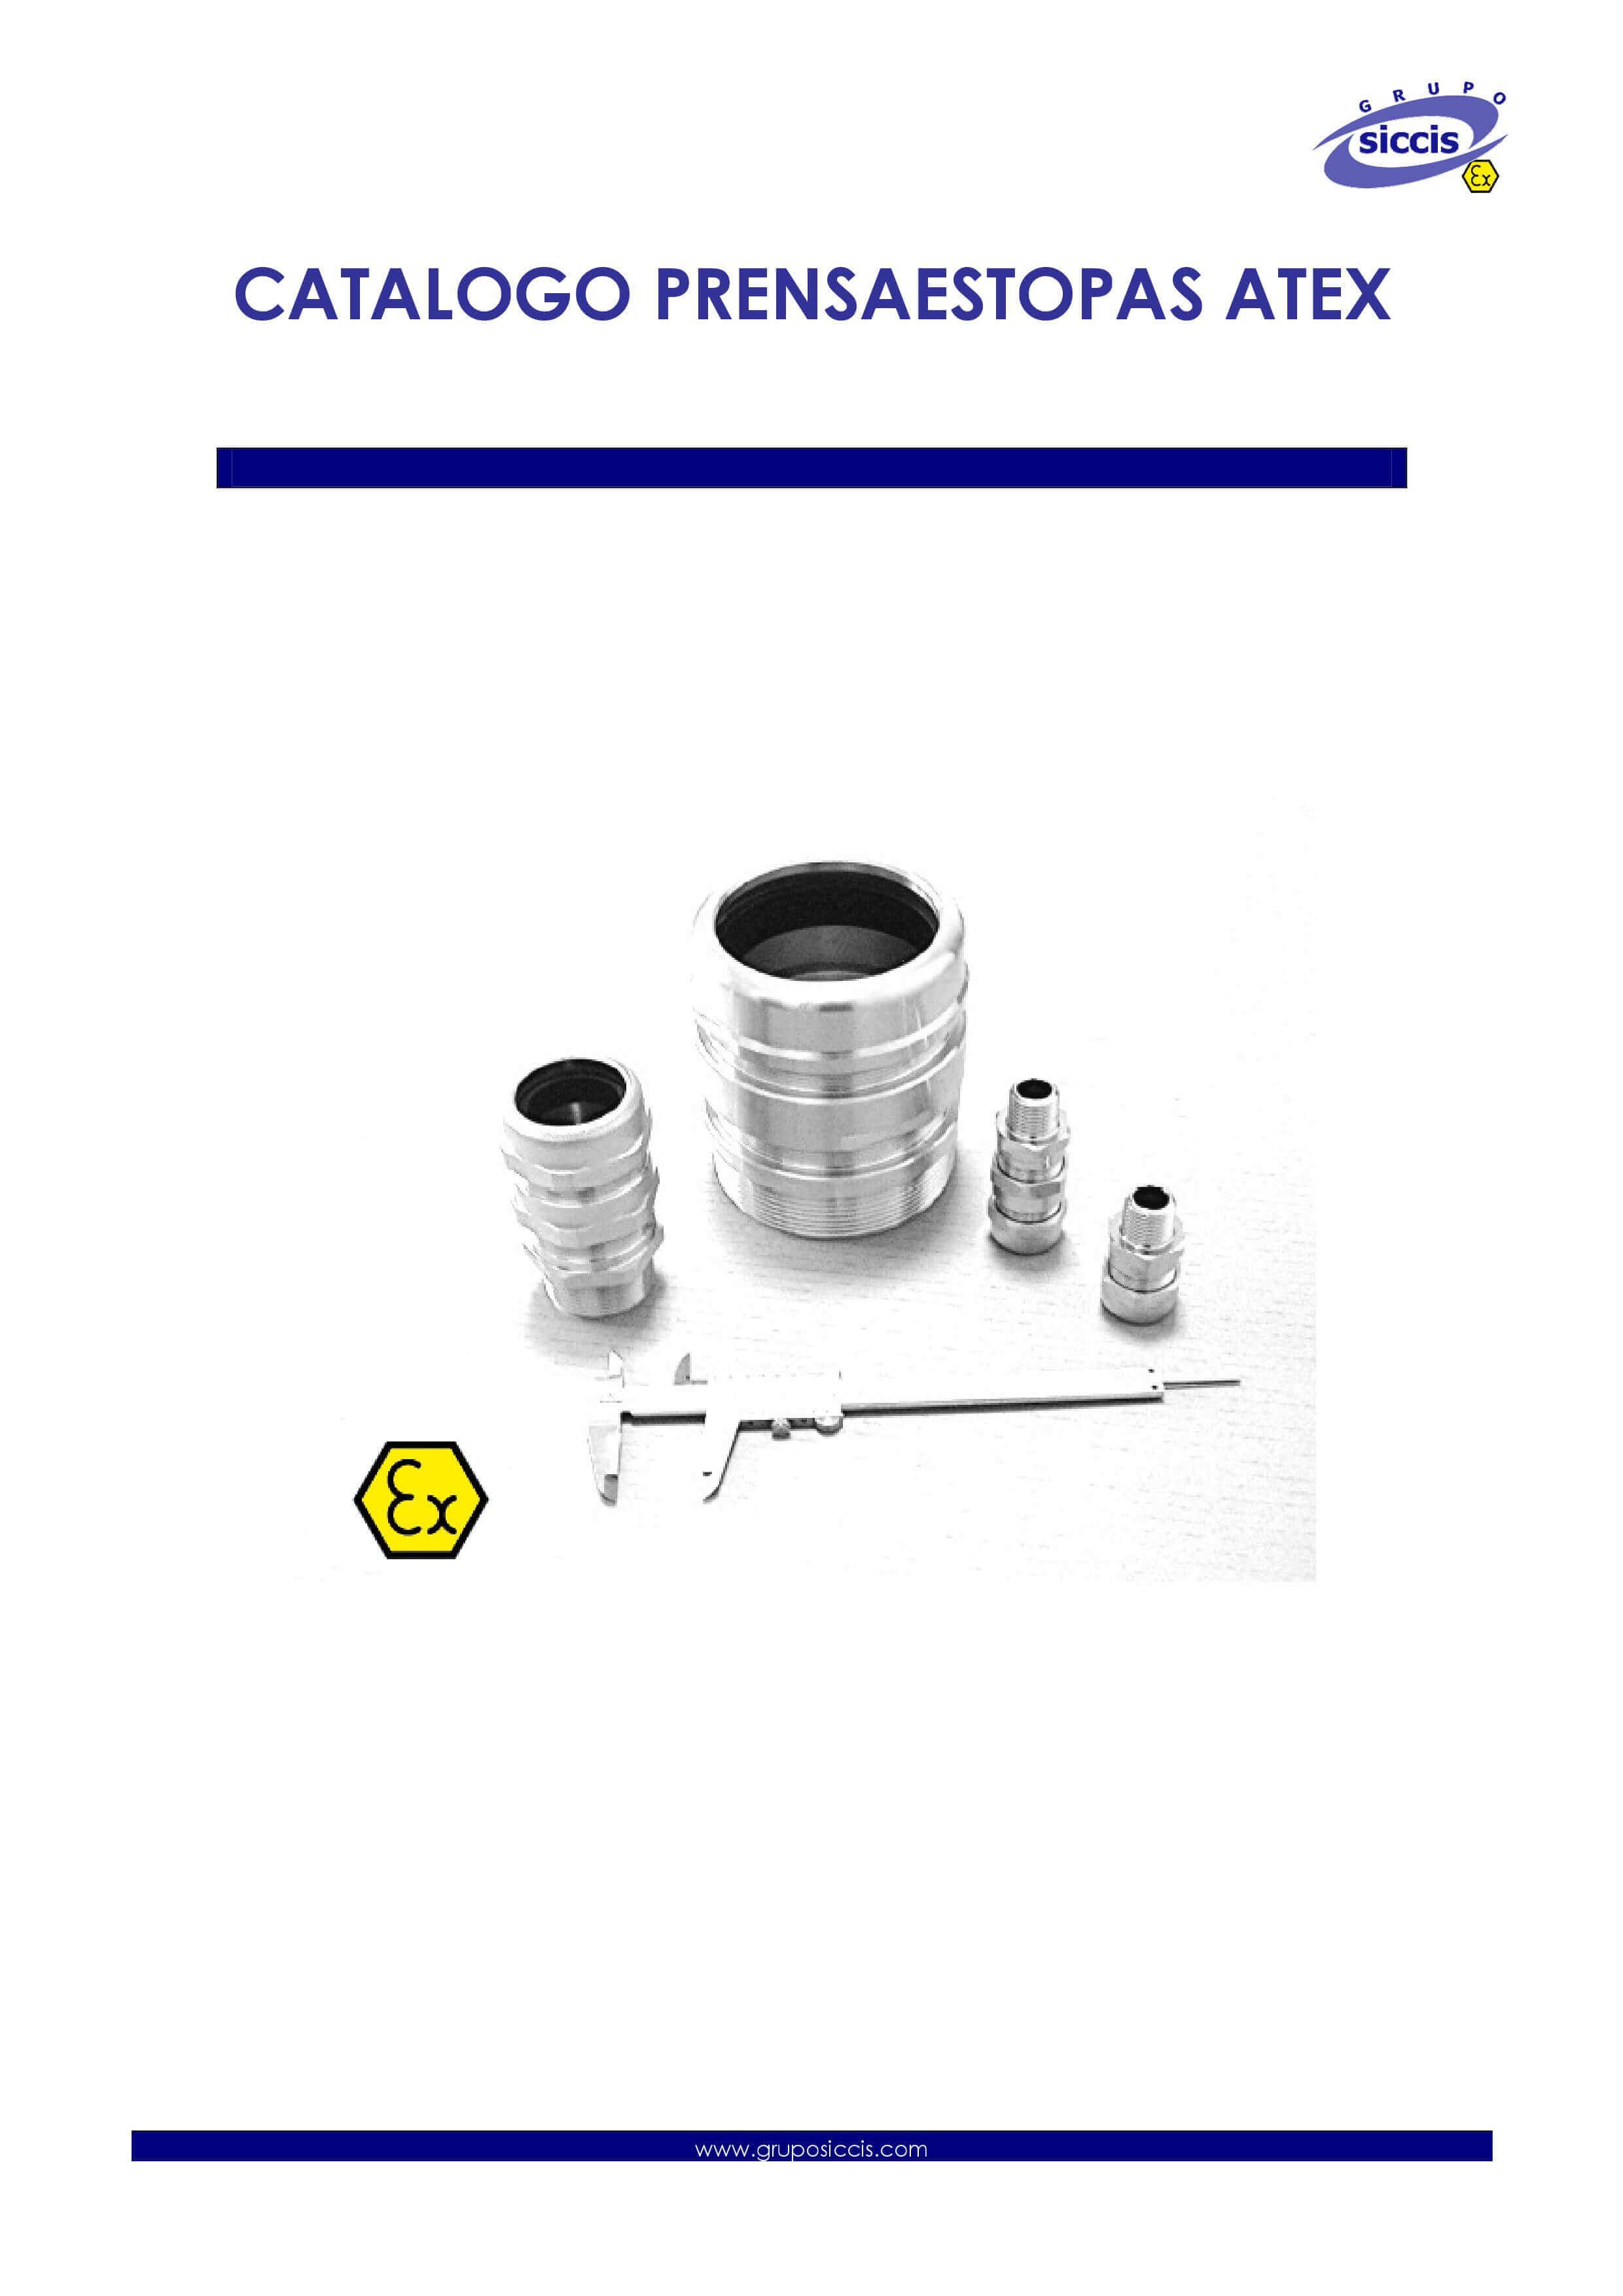 Catálogo de prensaestopas ATEX